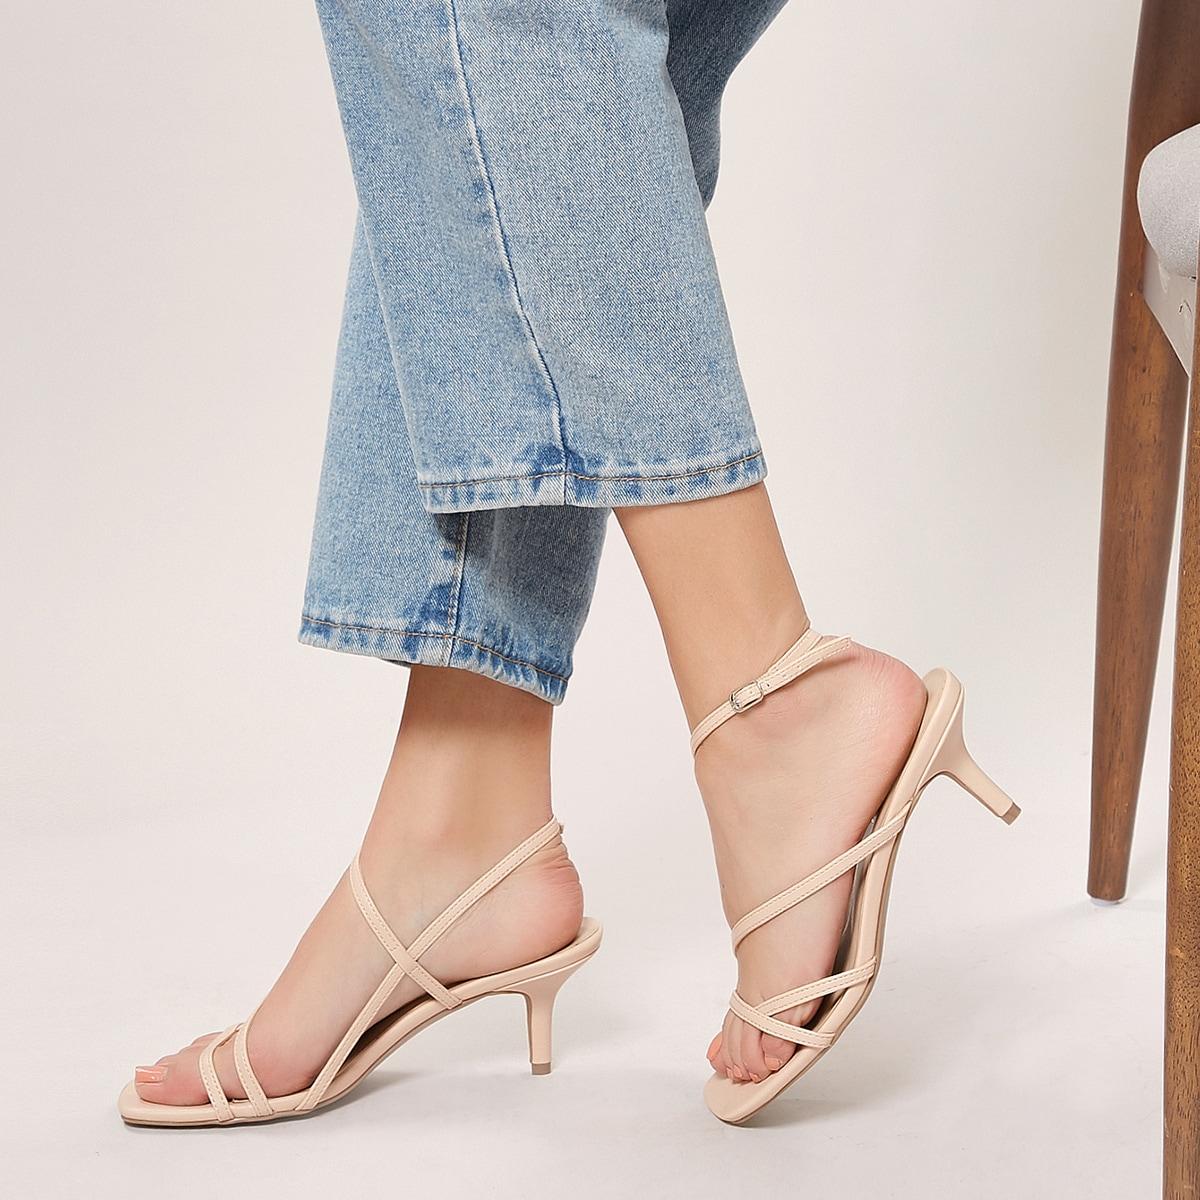 Сандалии на каблуках с квадратным носком